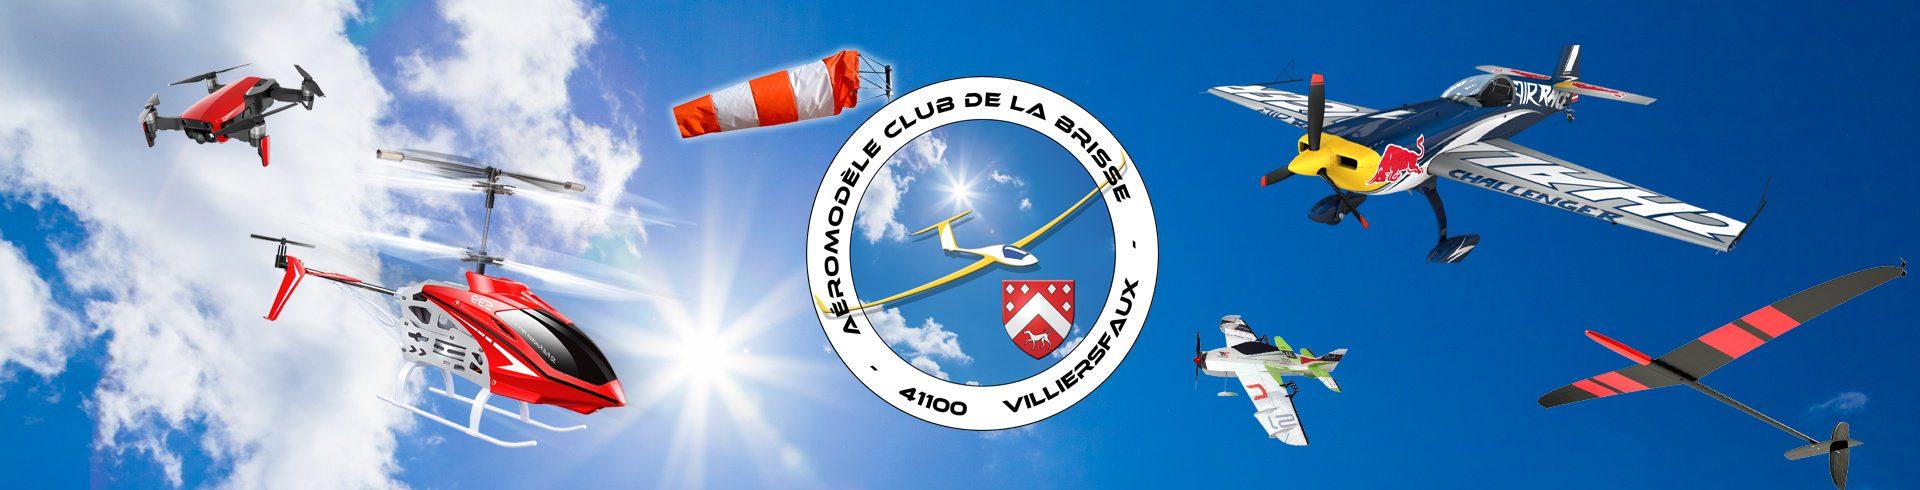 Aéromodèle club de la Brisse